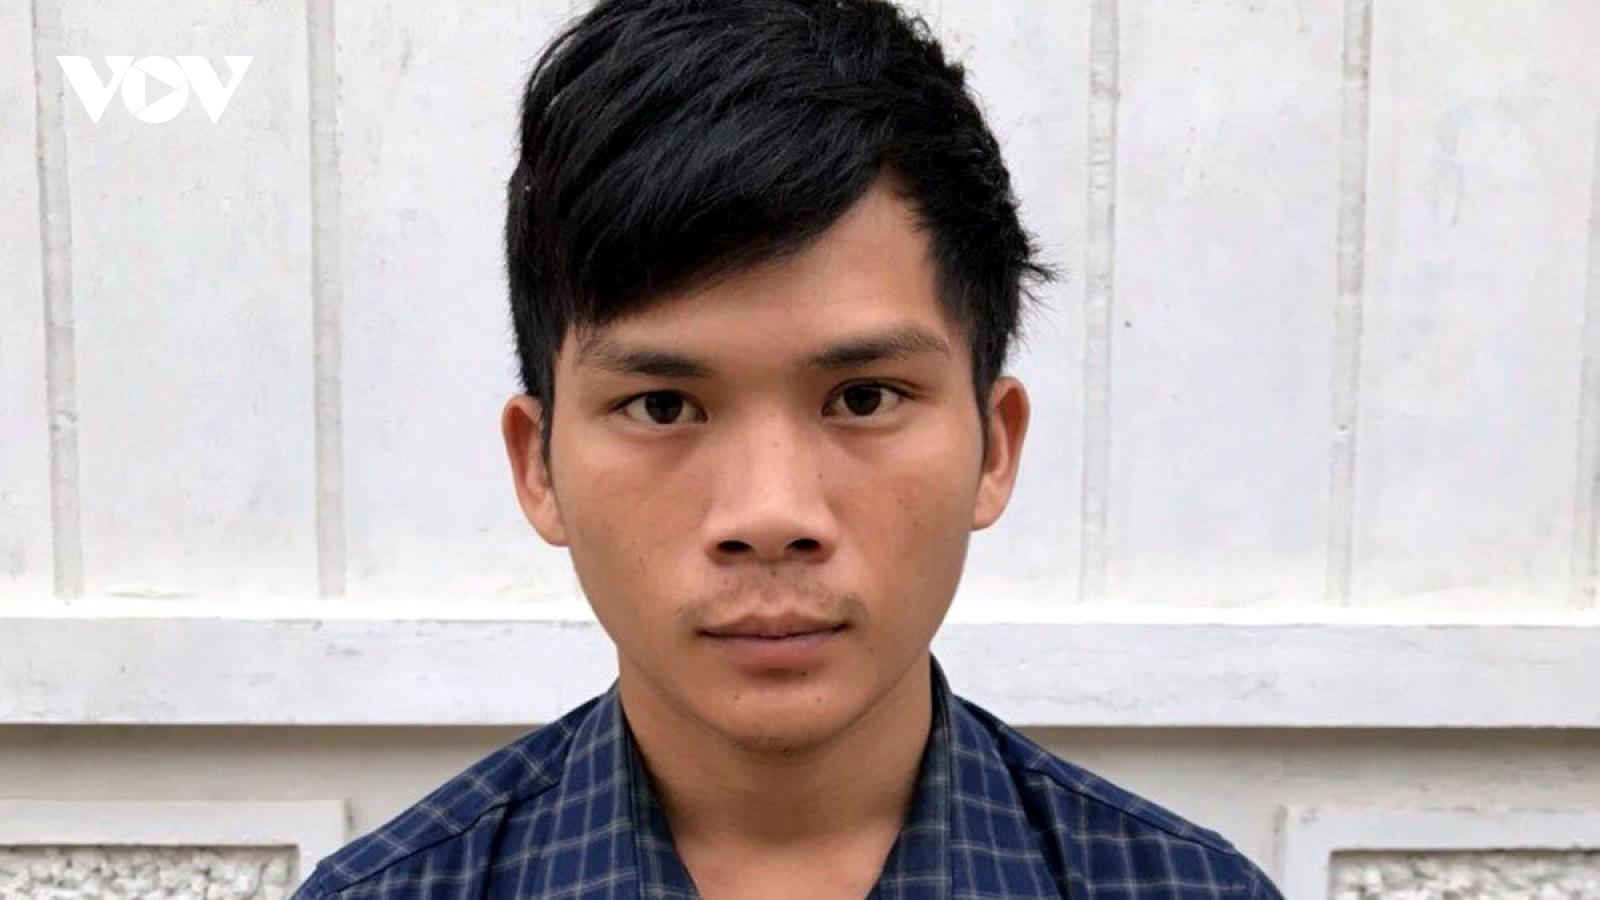 Con nghiện đột nhập nhà riêng, khống chế hiếp dâm nữ gia chủ